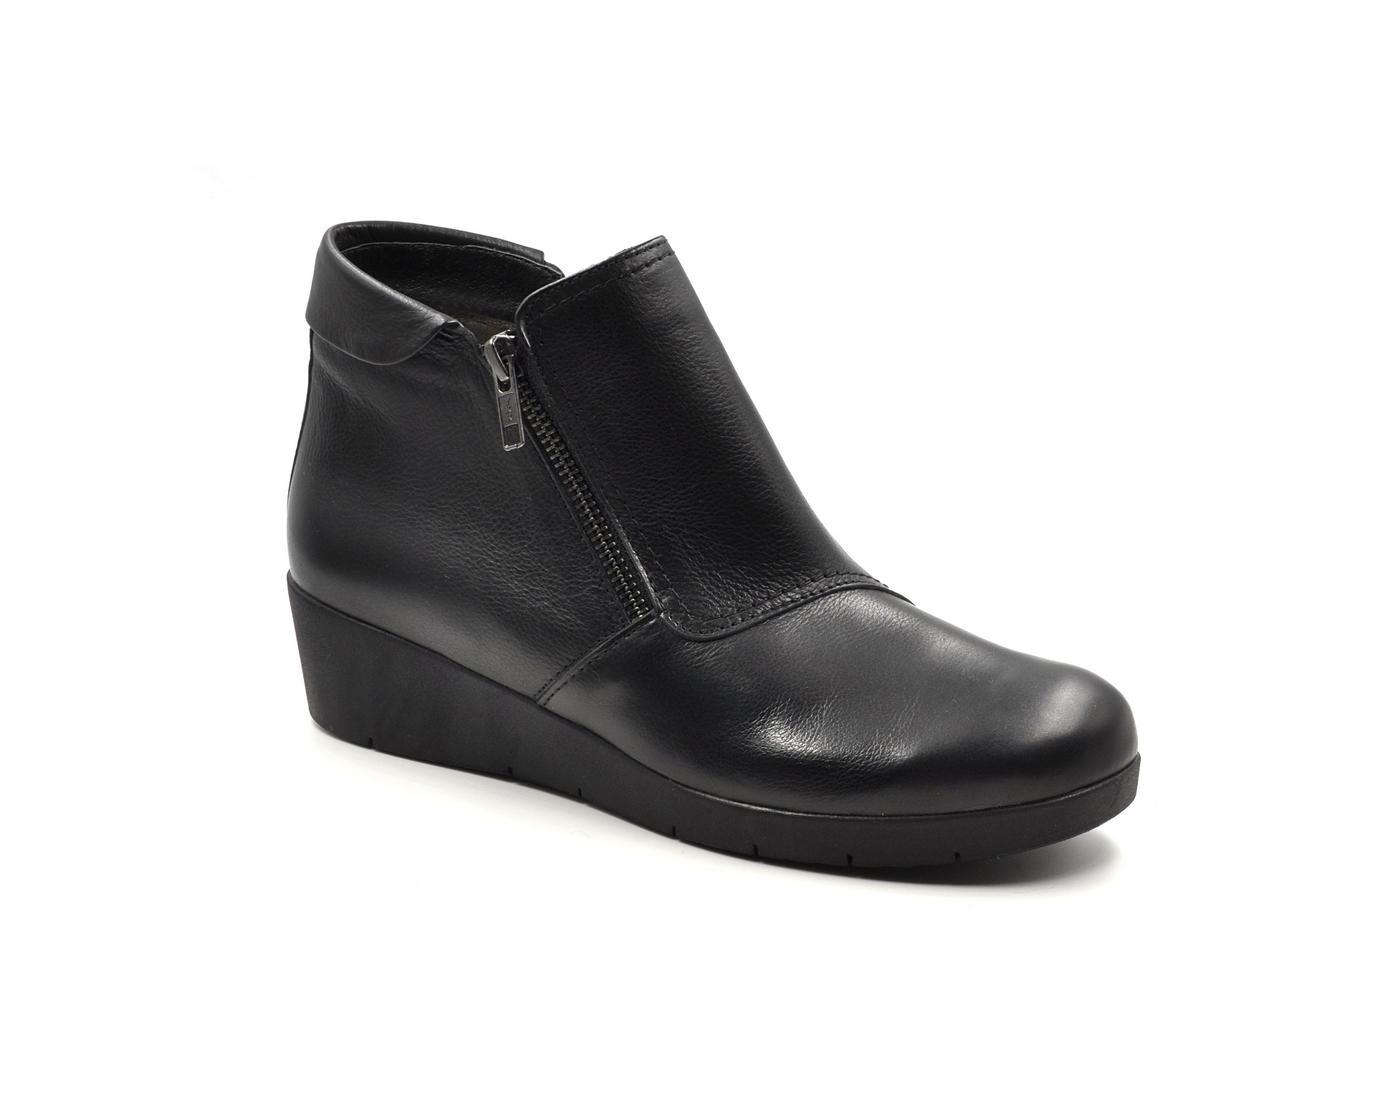 Γυναικείο μποτάκι μαύρο 0282 - tatogloushoes.gr e0906413b5c